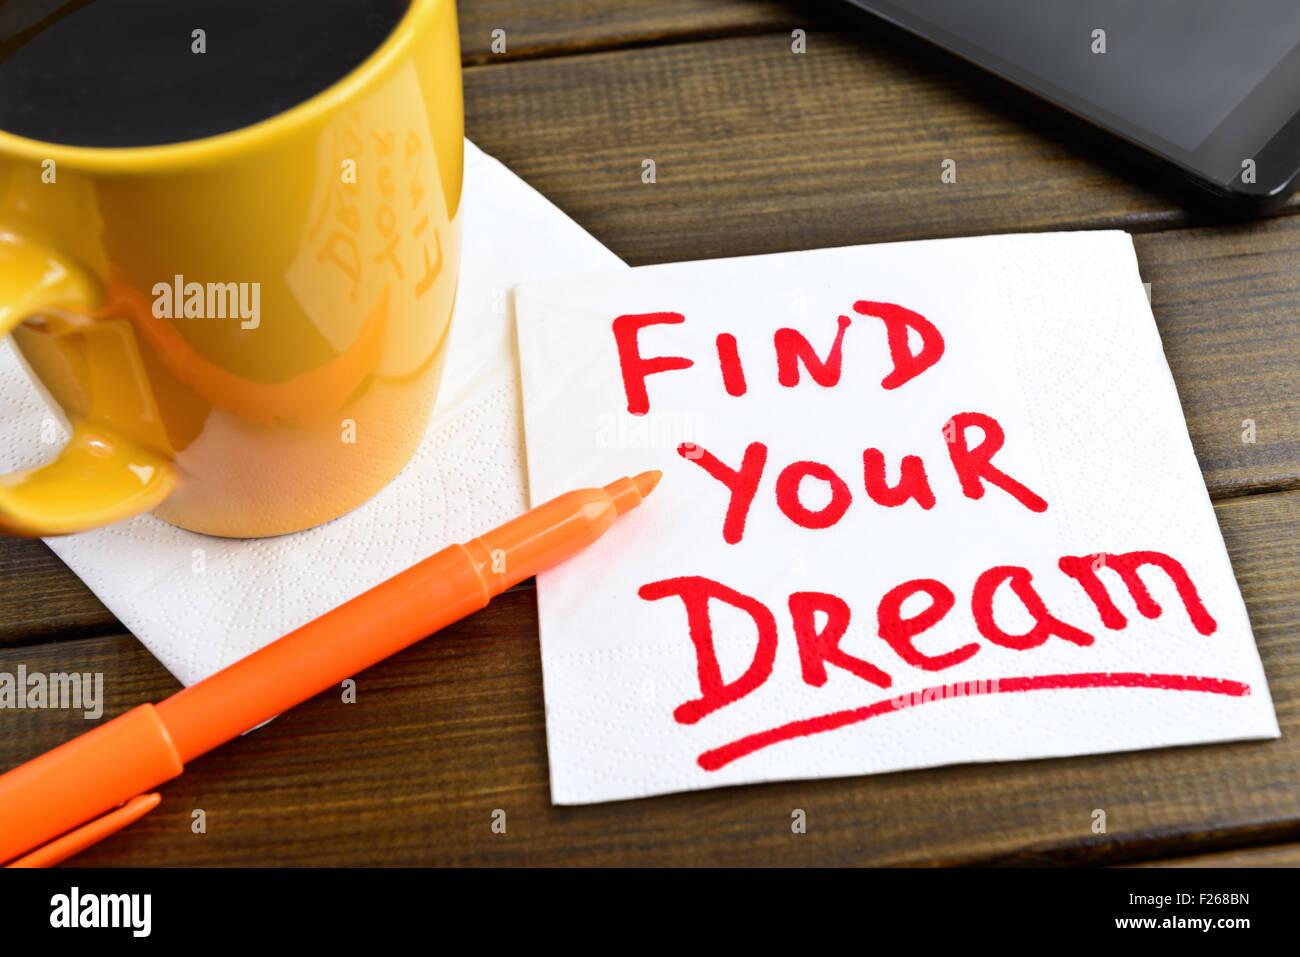 Finden Sie Ihre Traum - motivierende Handschrift auf einer Serviette mit einer Tasse Kaffee und Telefon Stockbild